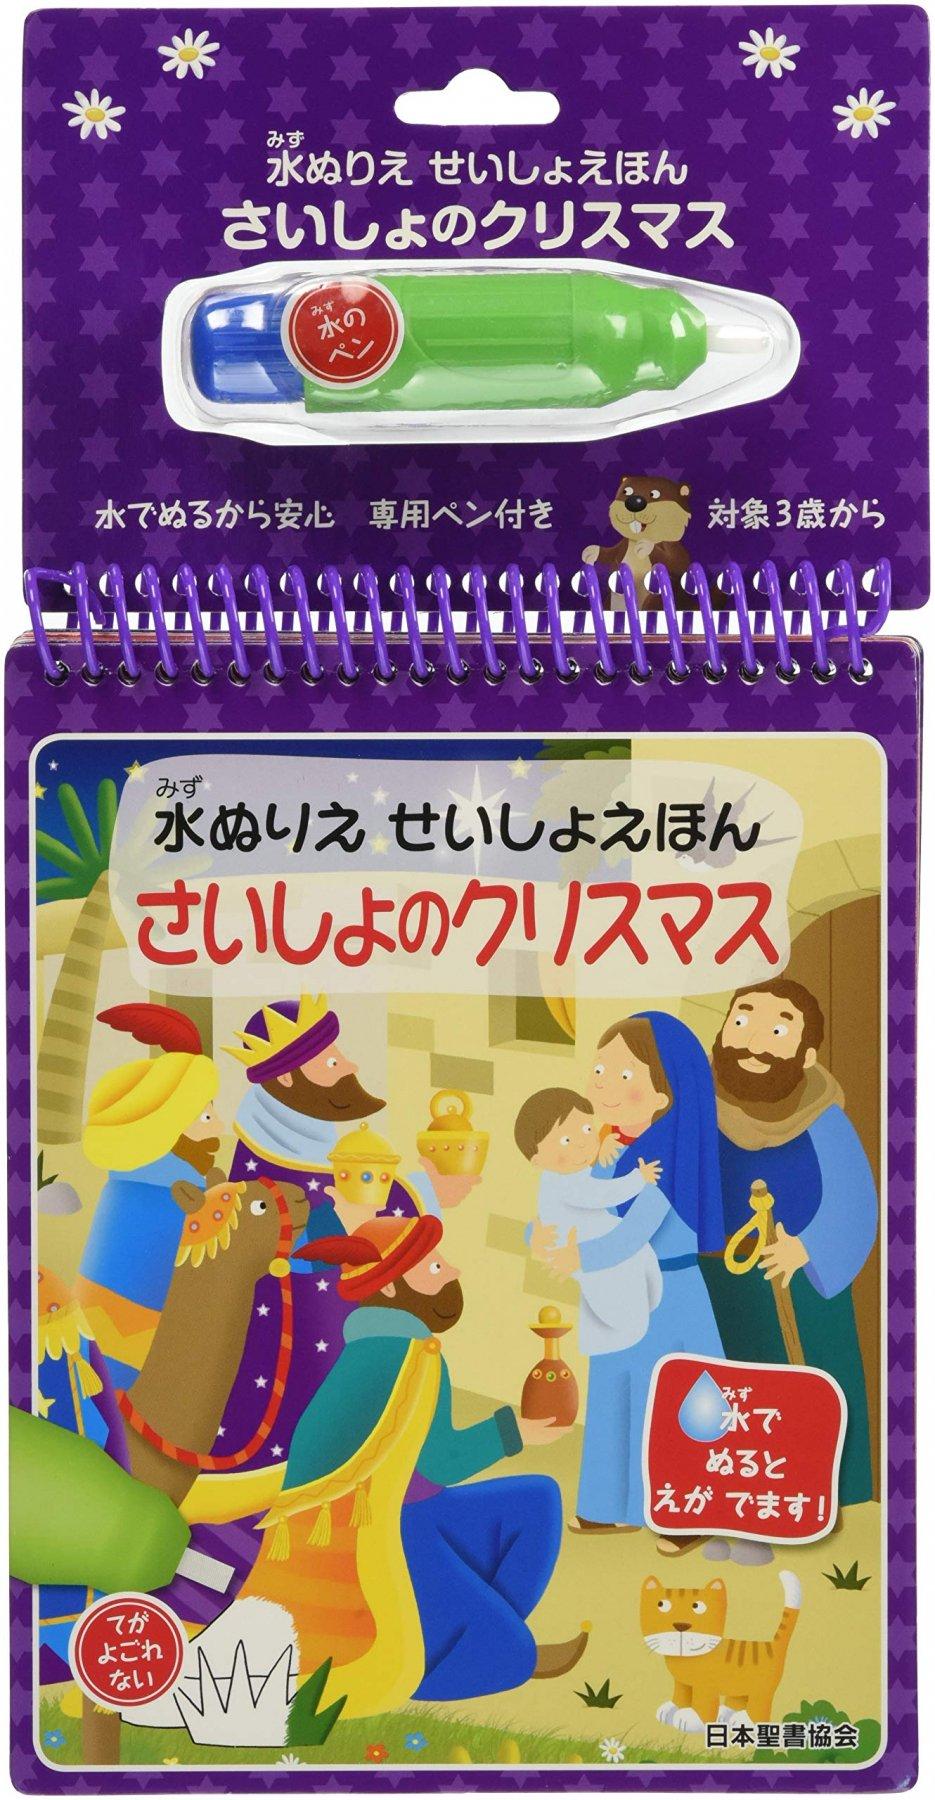 【送料無料】水ぬりえせいしょえほん さいしょのクリスマス<img class='new_mark_img2' src='https://img.shop-pro.jp/img/new/icons61.gif' style='border:none;display:inline;margin:0px;padding:0px;width:auto;' />の商品画像